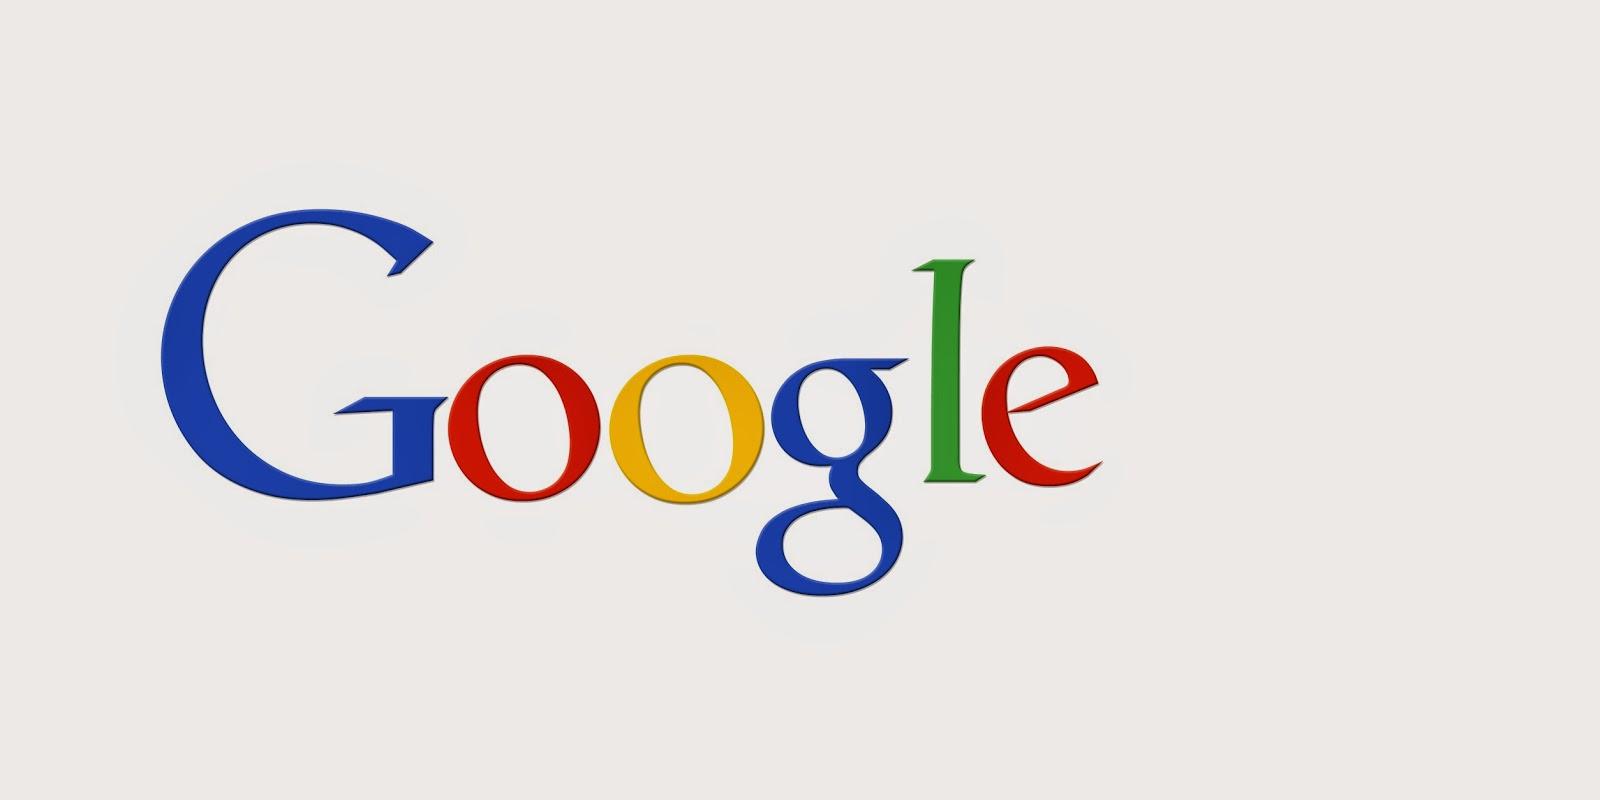 جوجل ستدعم سامسونغ في قضيتها ضد آبل !